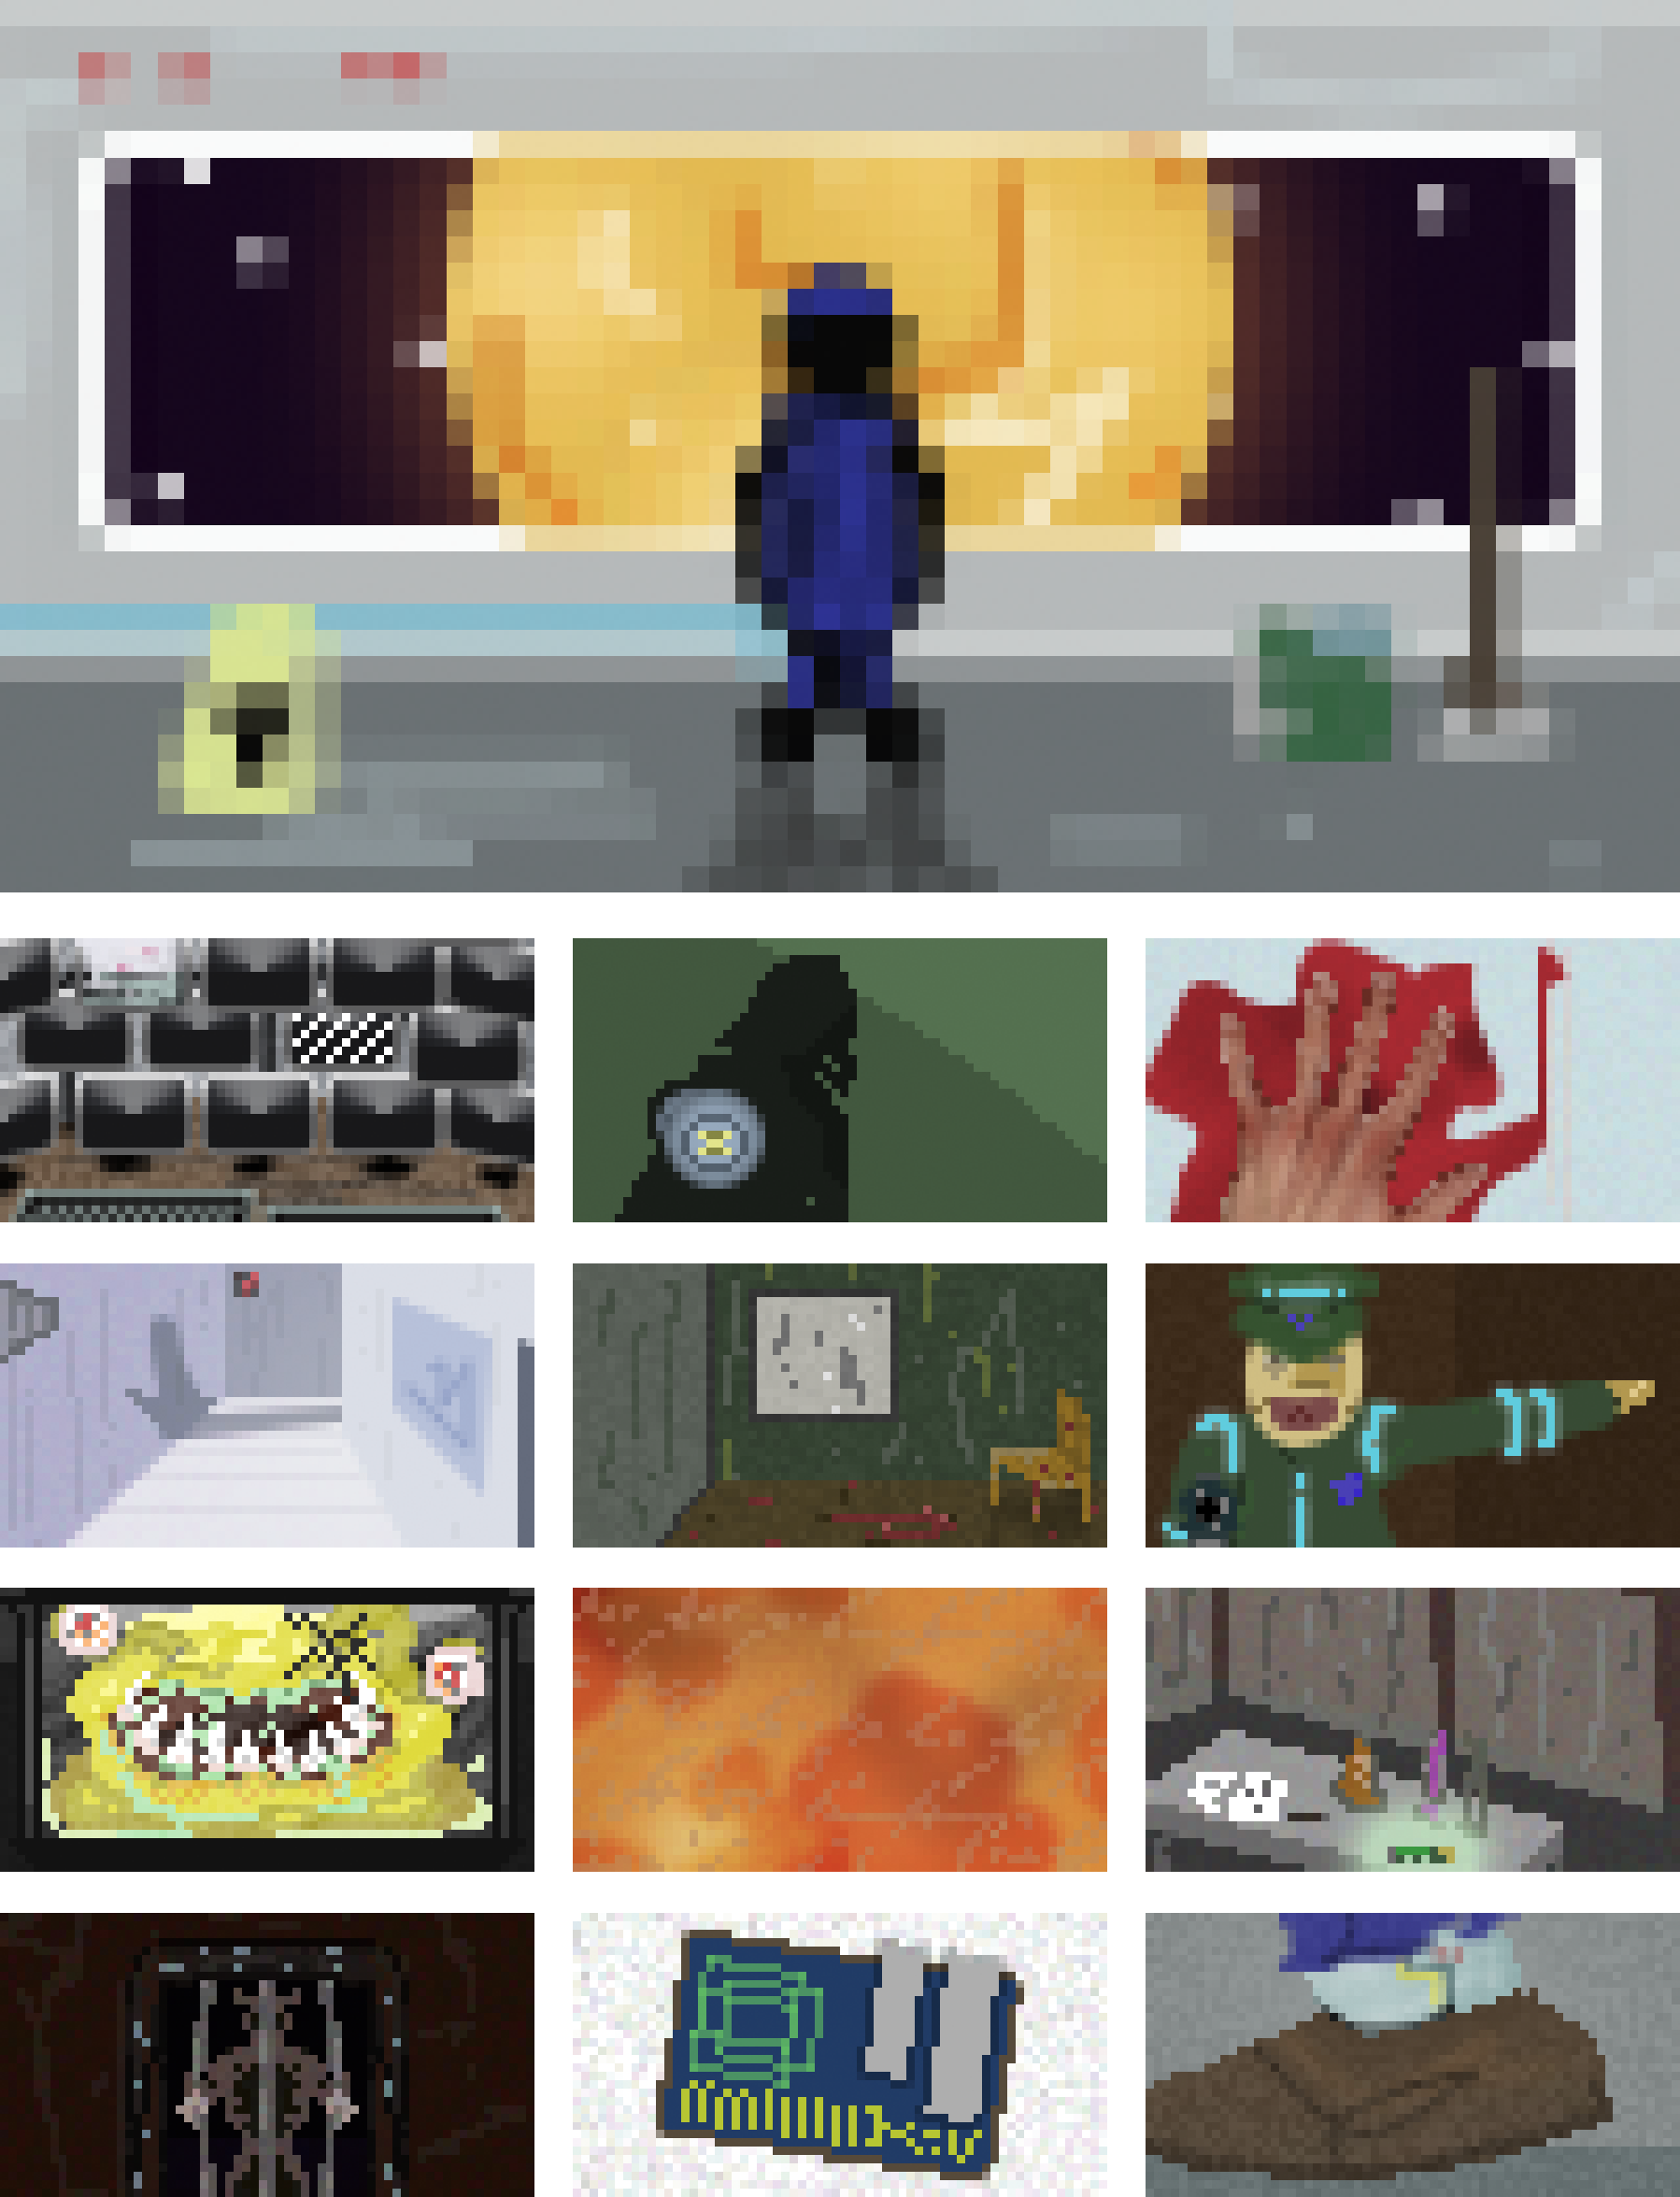 Space Escape pixel artwork collage